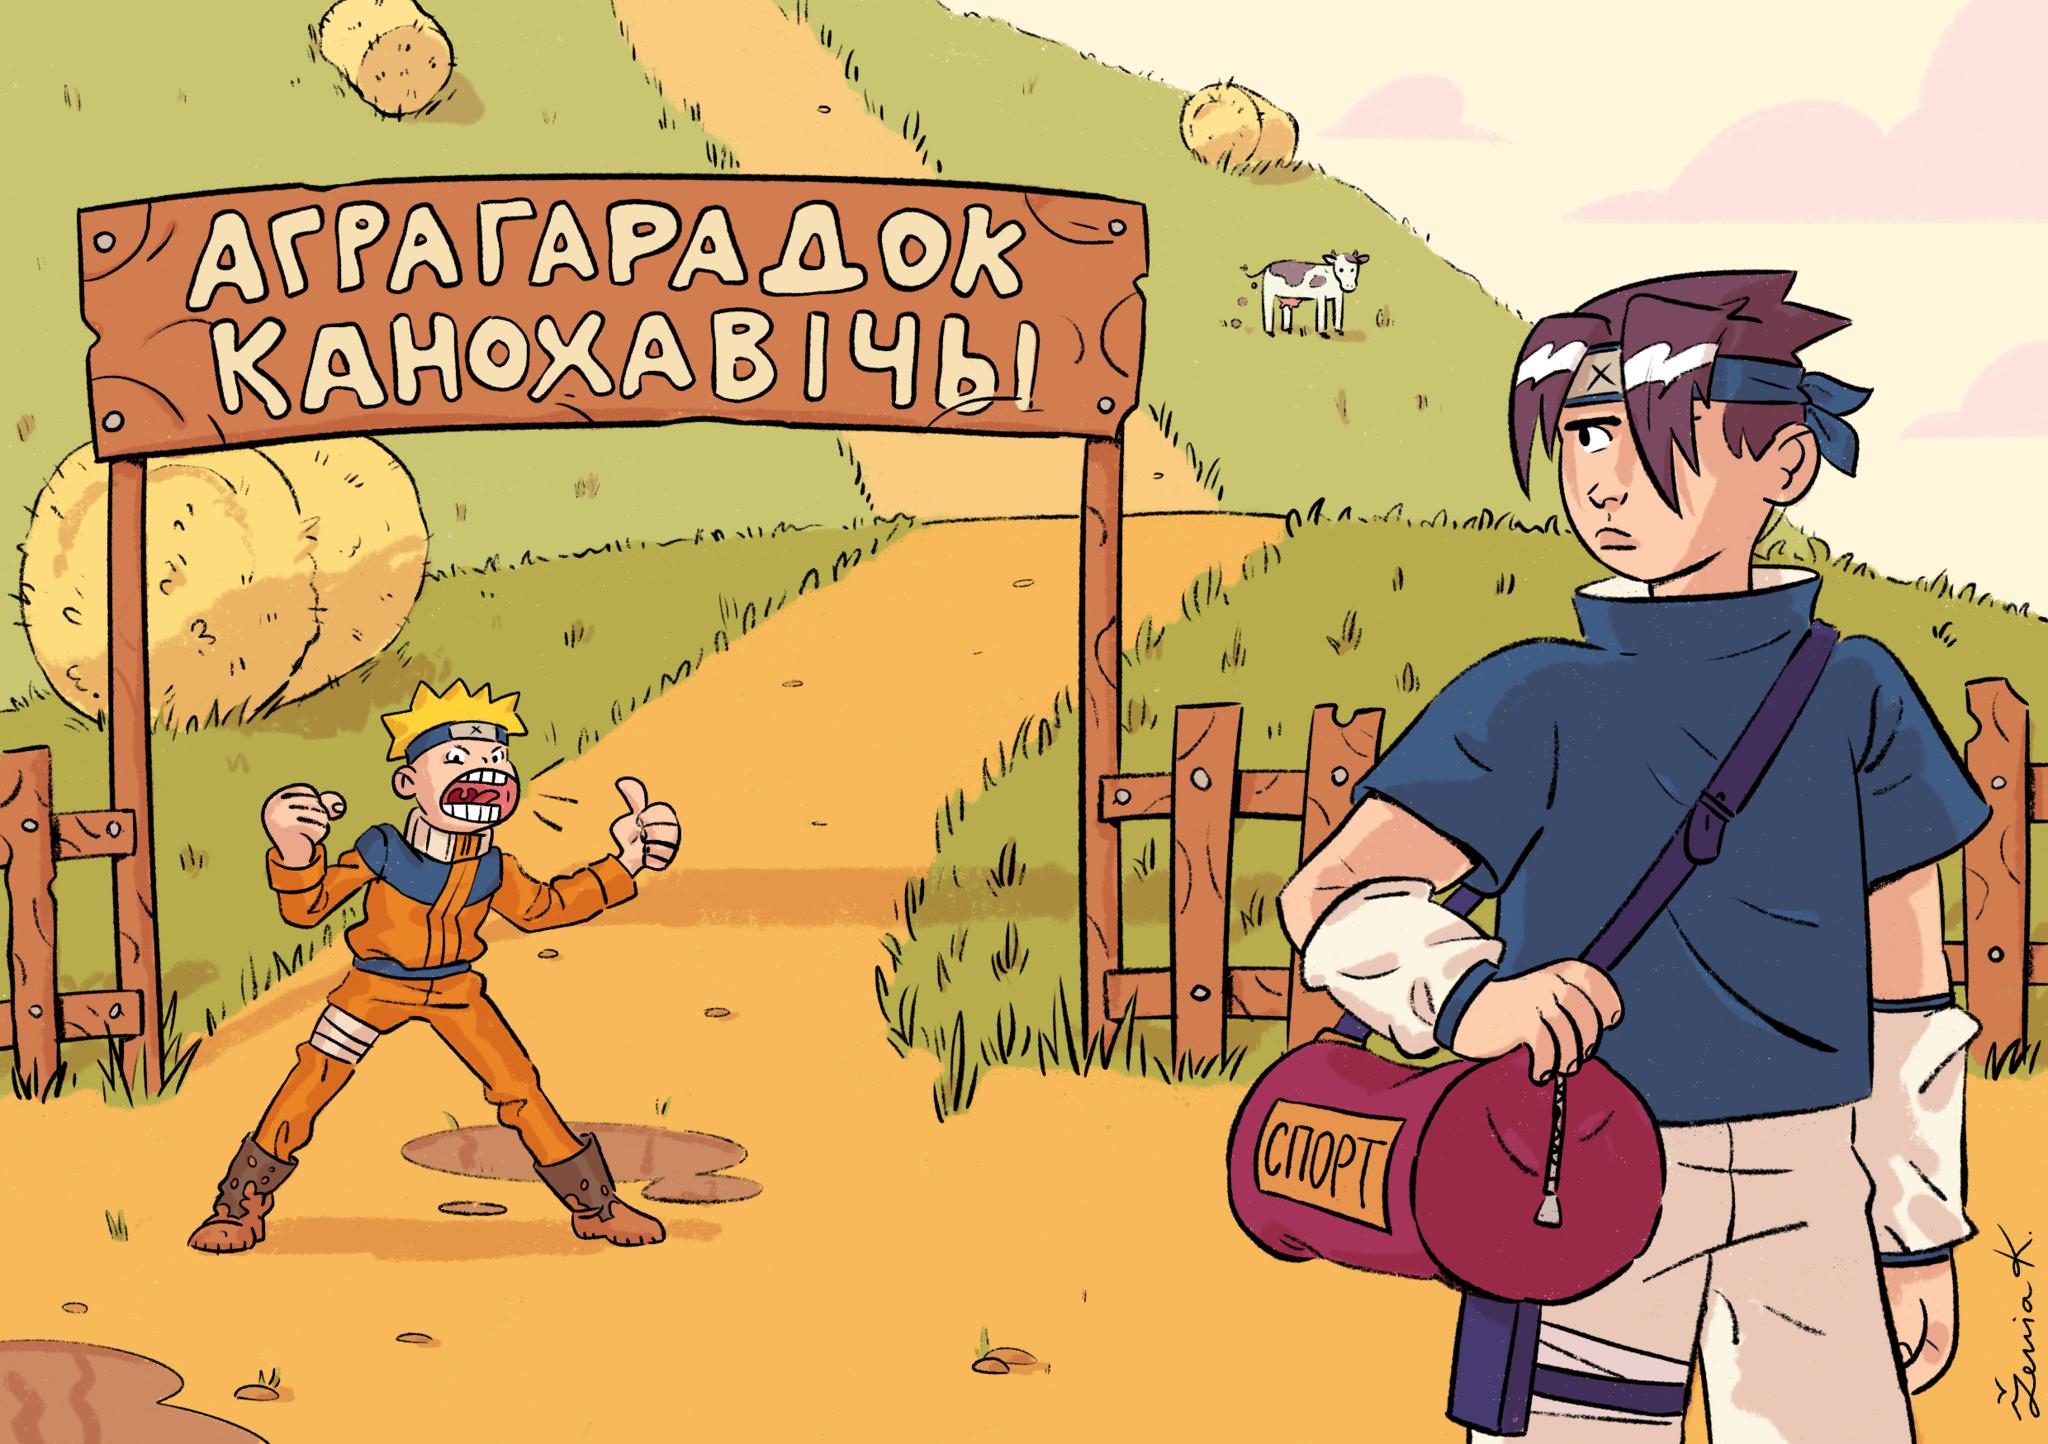 Фанат Naruto